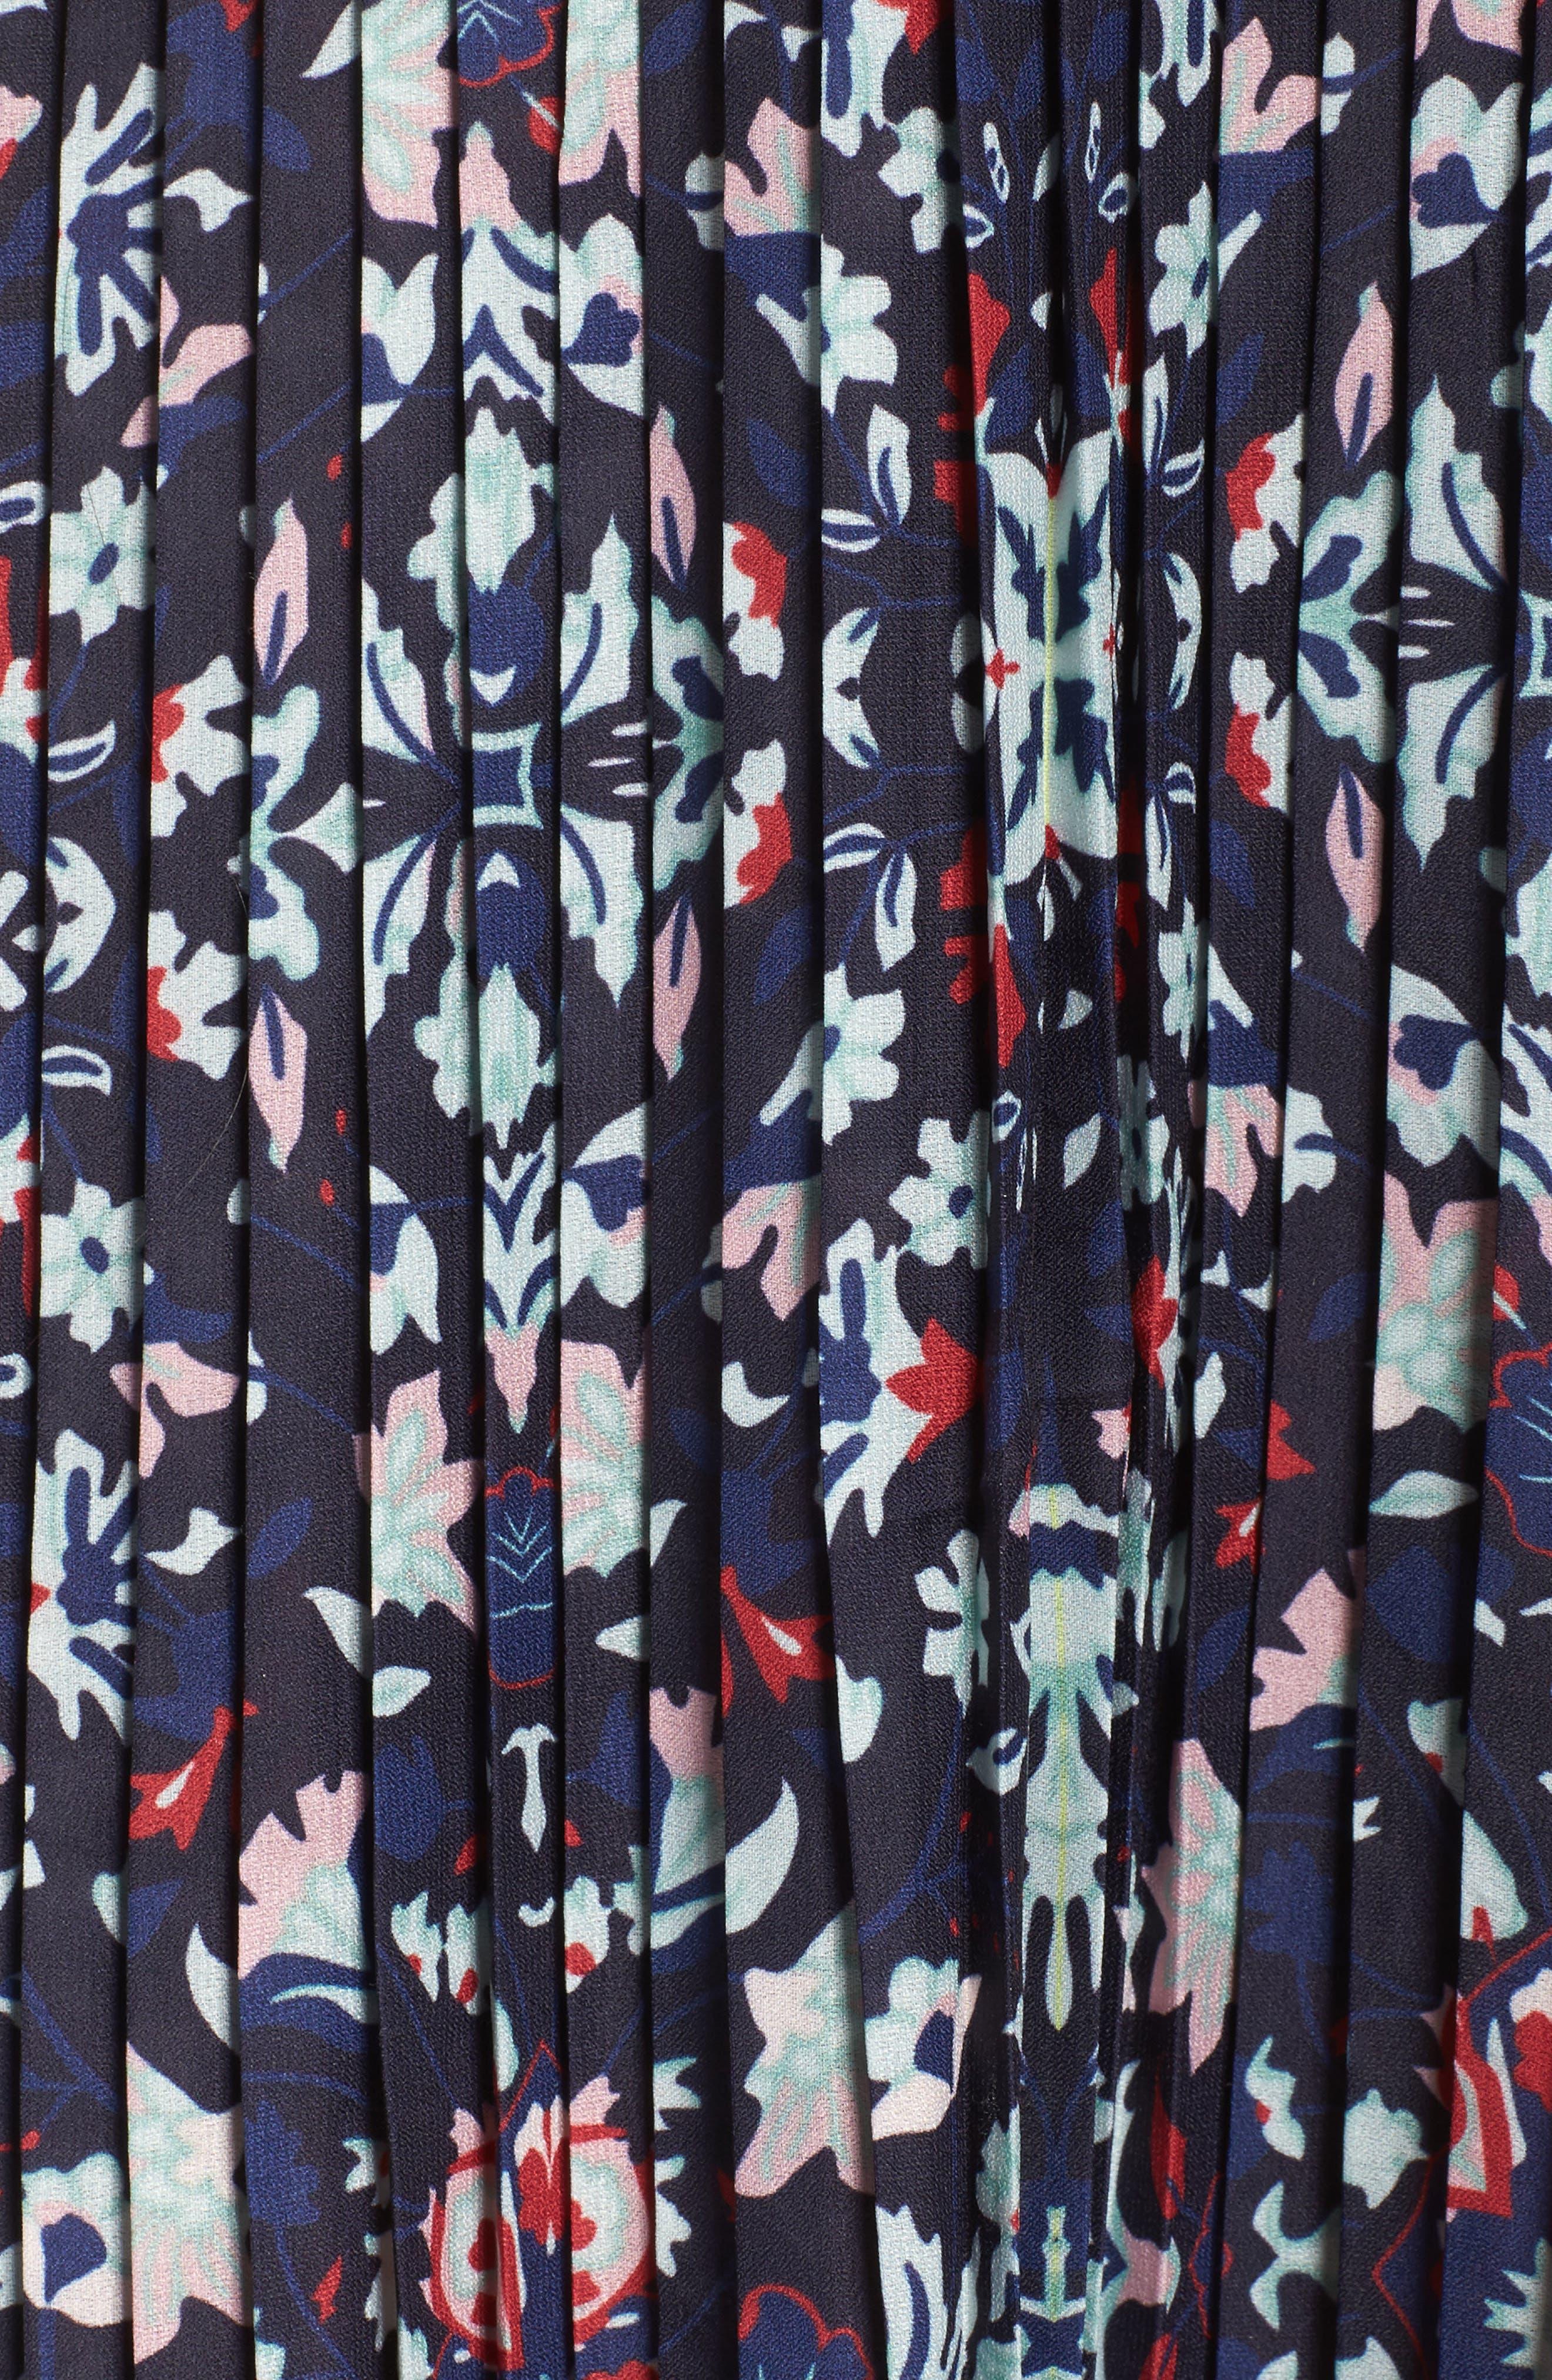 Miranda Pleat Ruffle Dress,                             Alternate thumbnail 5, color,                             400